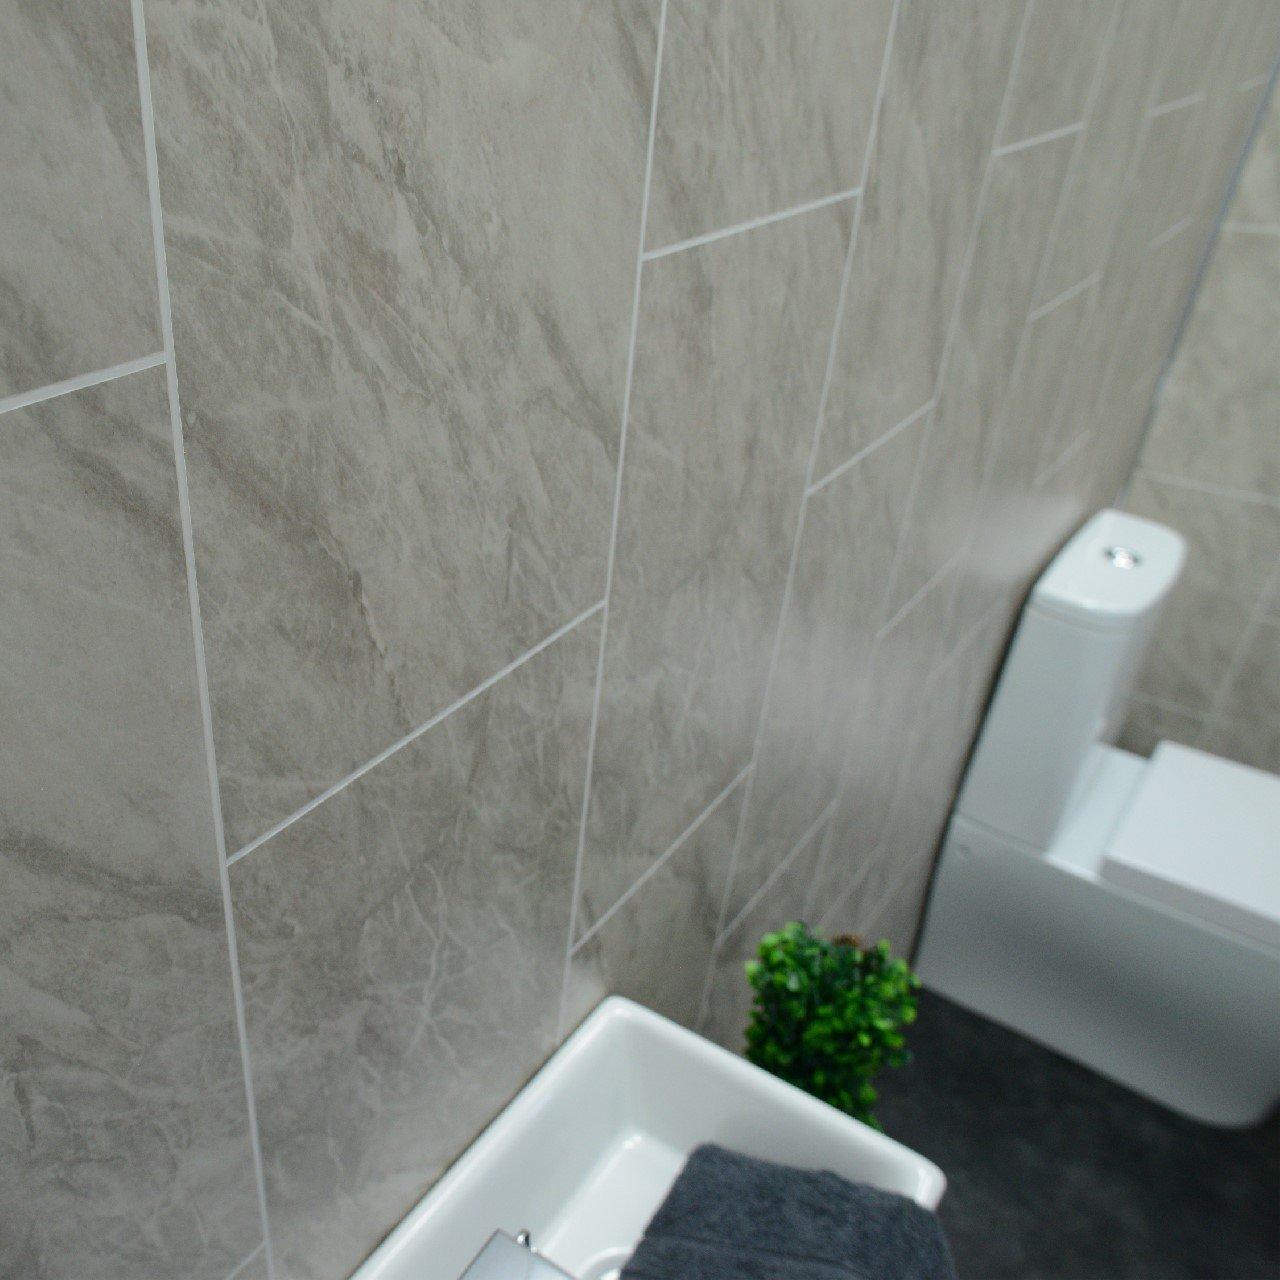 bathroom wall panels amazon co uk rh amazon co uk bathroom panels for walls uk bathroom panels for walls b&q